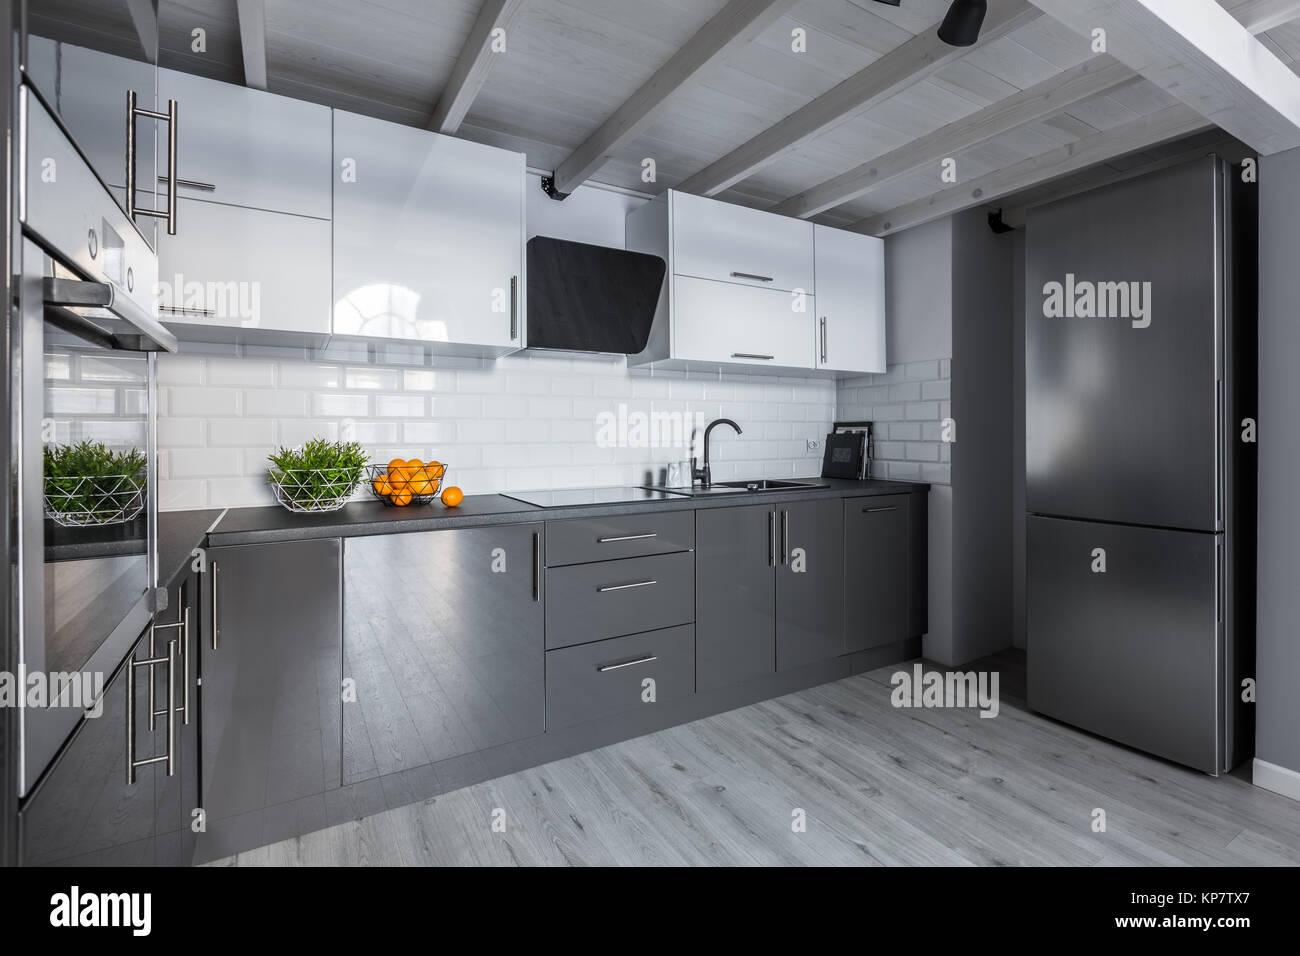 Colori piastrelle cucina per il colore da scegliere with colori piastrelle cucina pitture - Pittura per piastrelle cucina ...